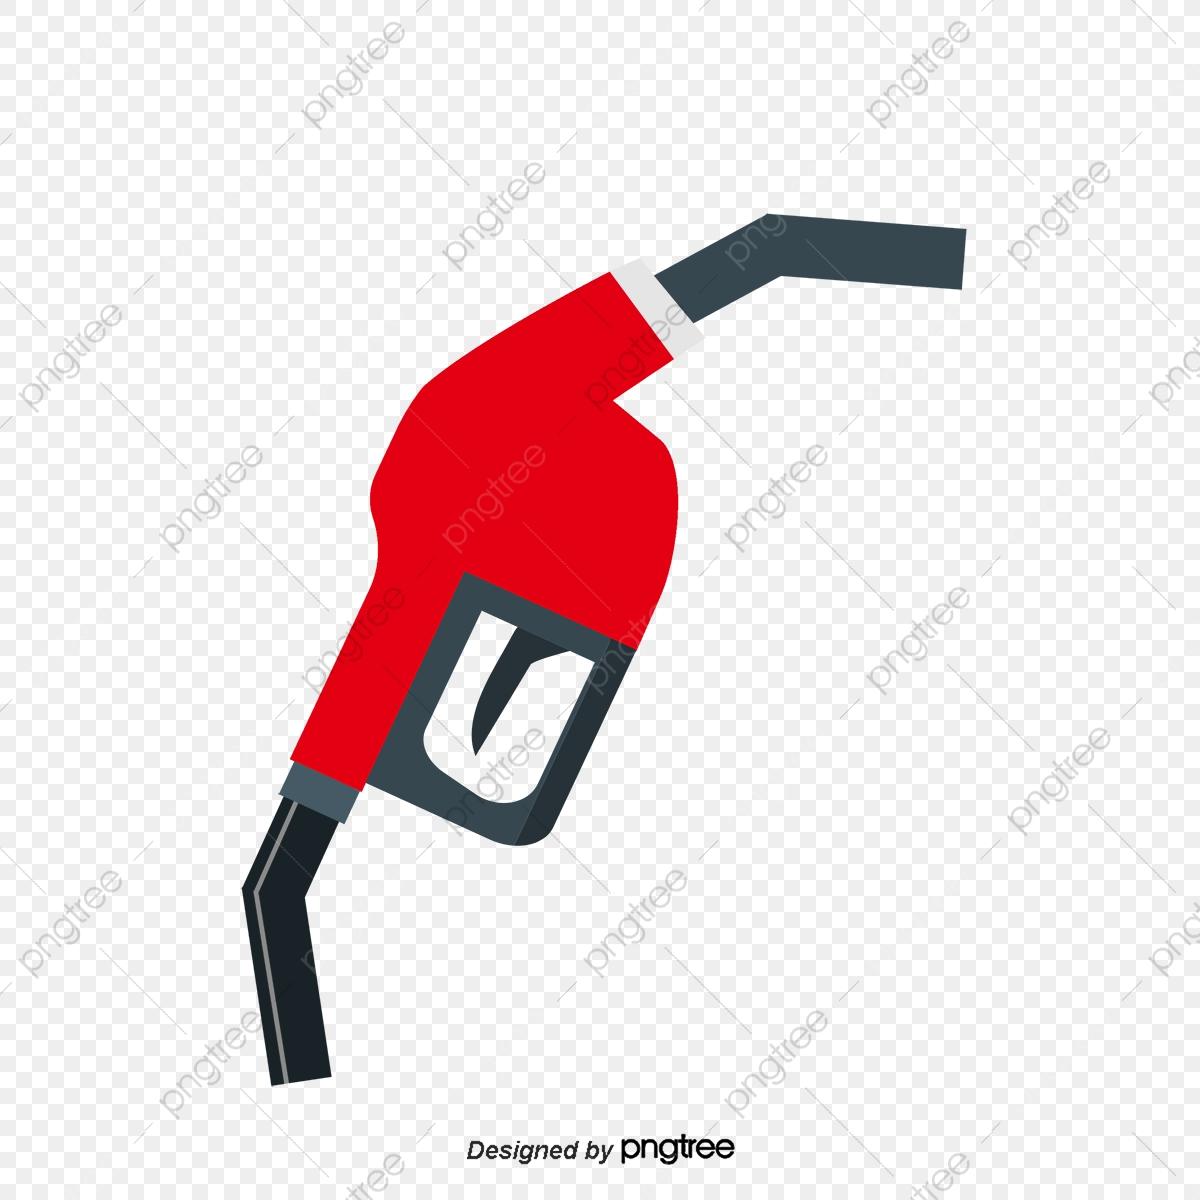 Supplies Gas Nozzle, Spray Gun, Gas Nozzle, Supplies Vector PNG and.